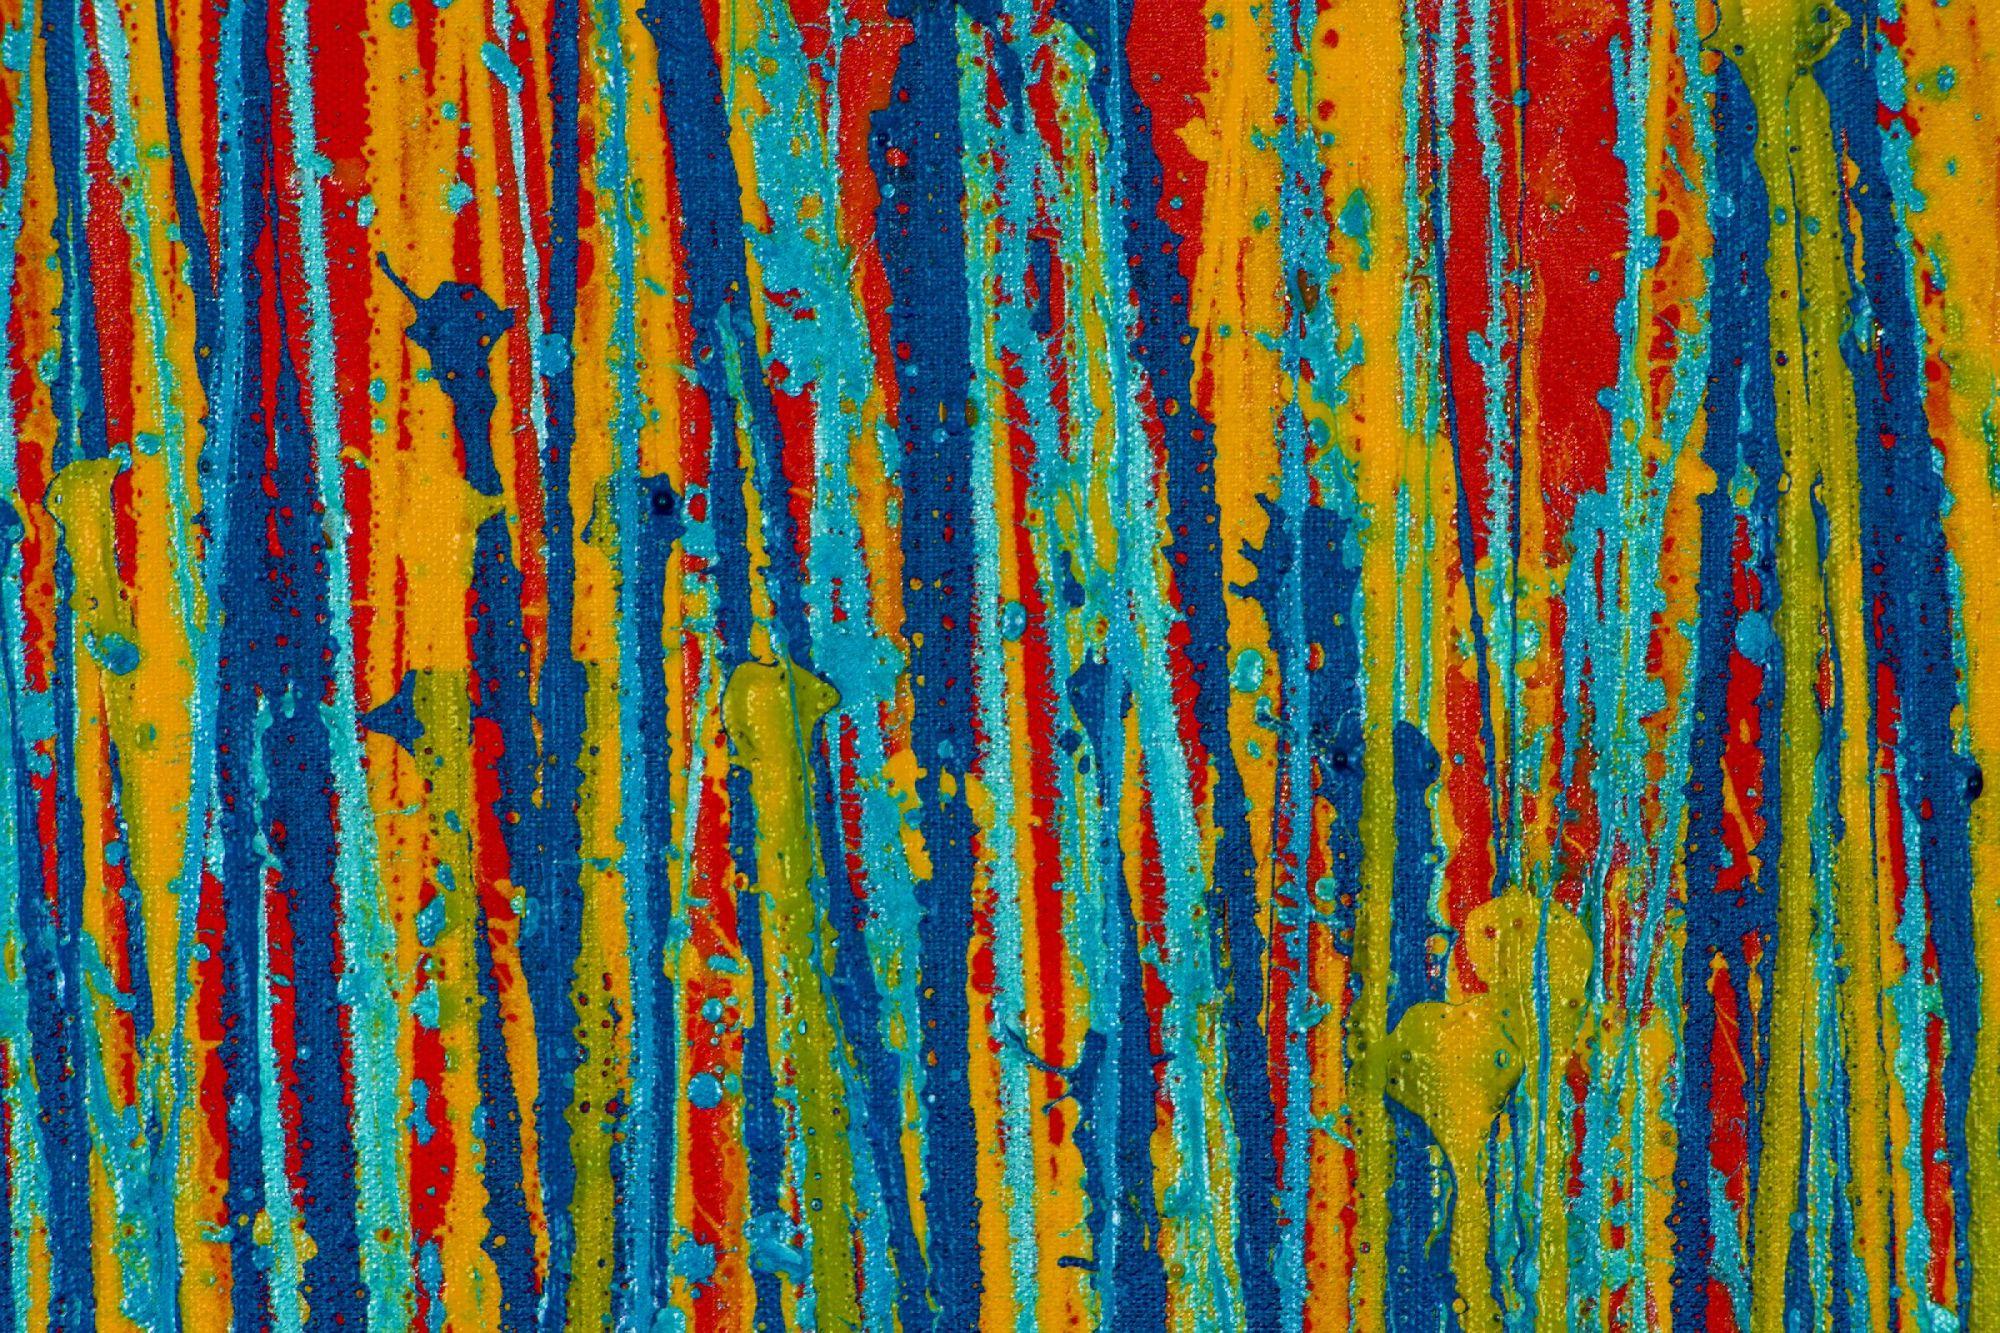 SOLD - Garden Rhythm (Over Red) 2 (2020) by Nestor Toro